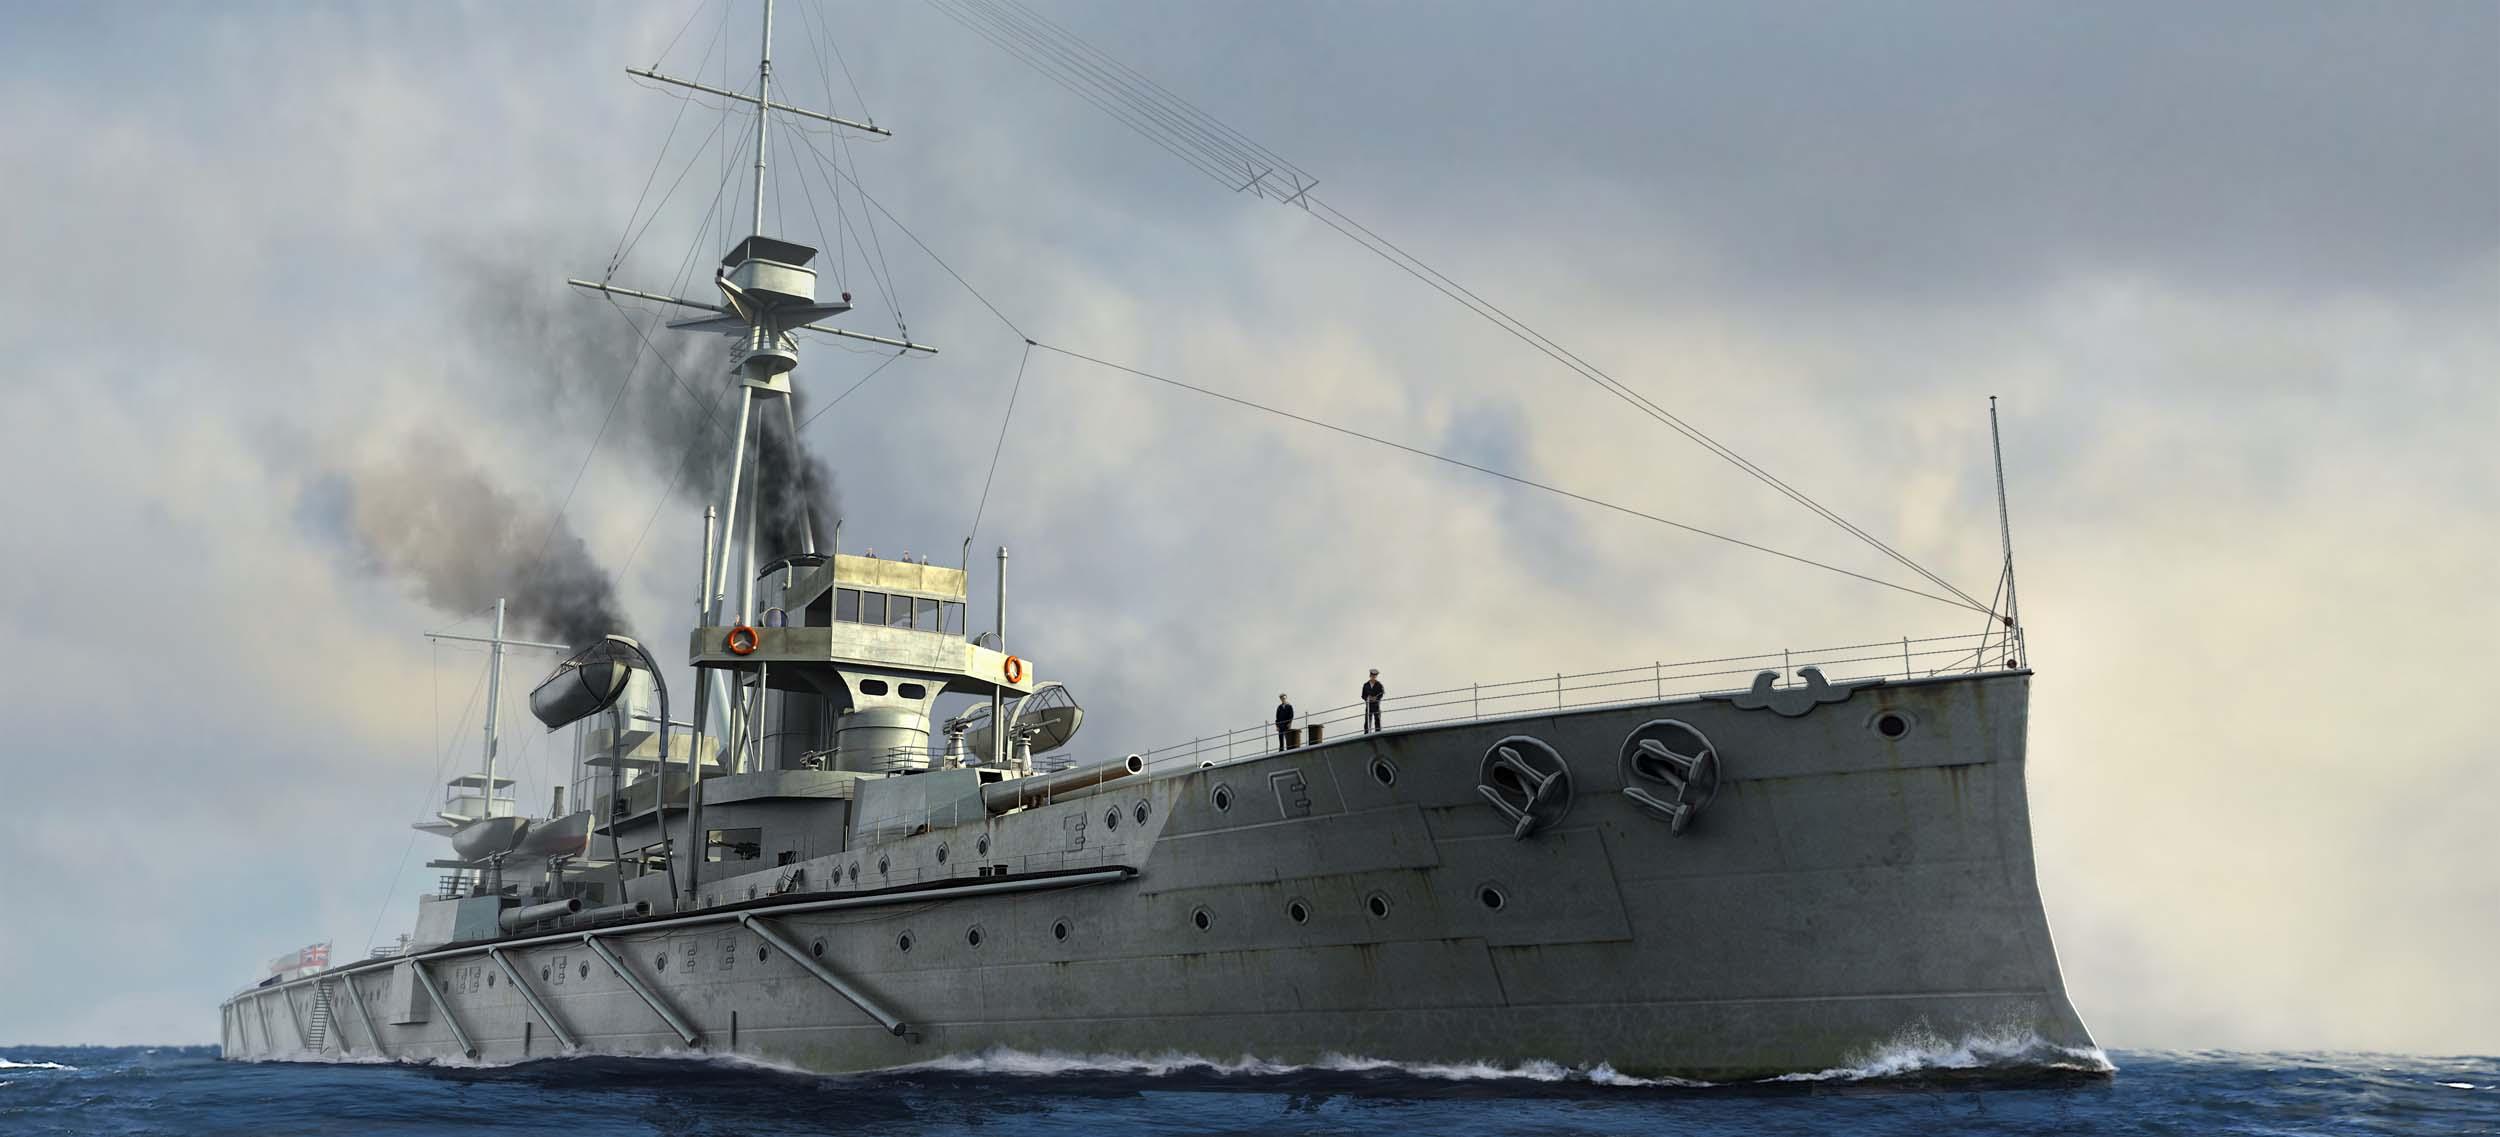 ドレッドノート (戦艦)の画像 p1_39